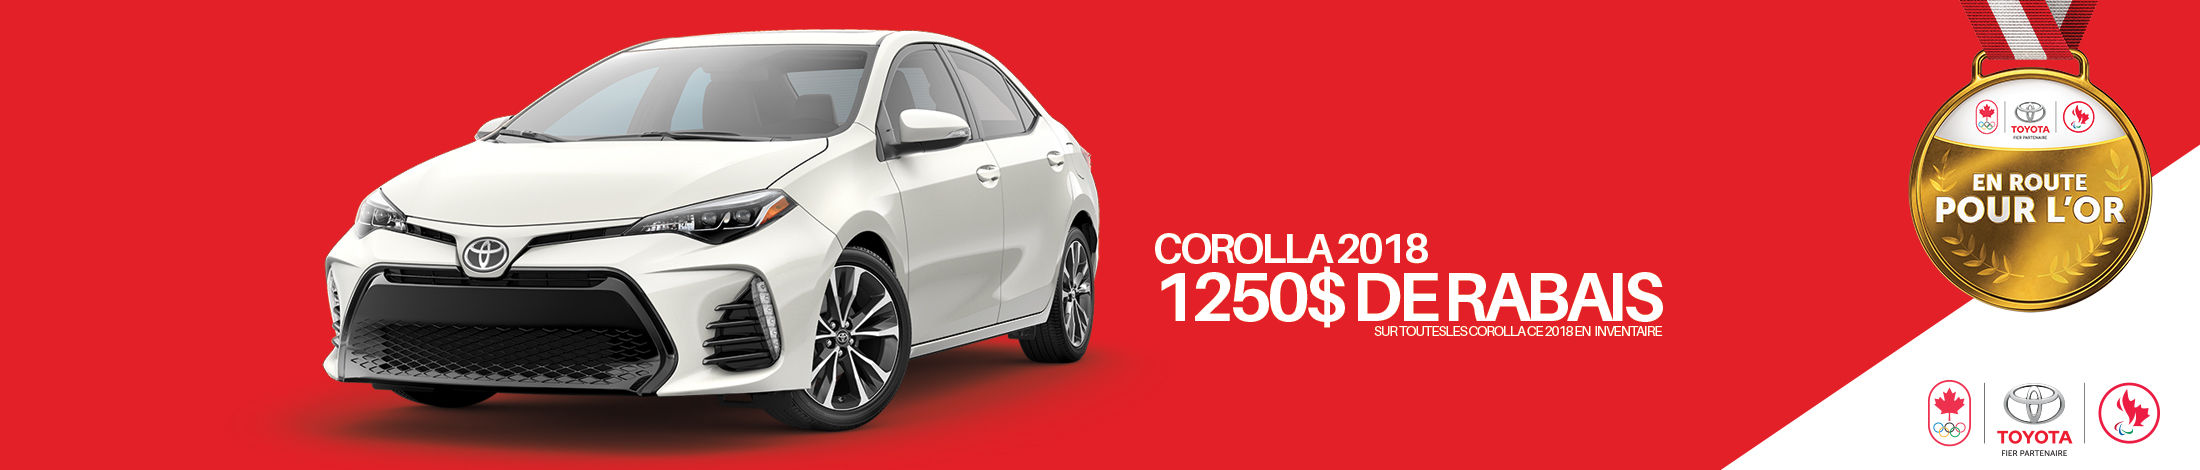 Header - Corolla 2018